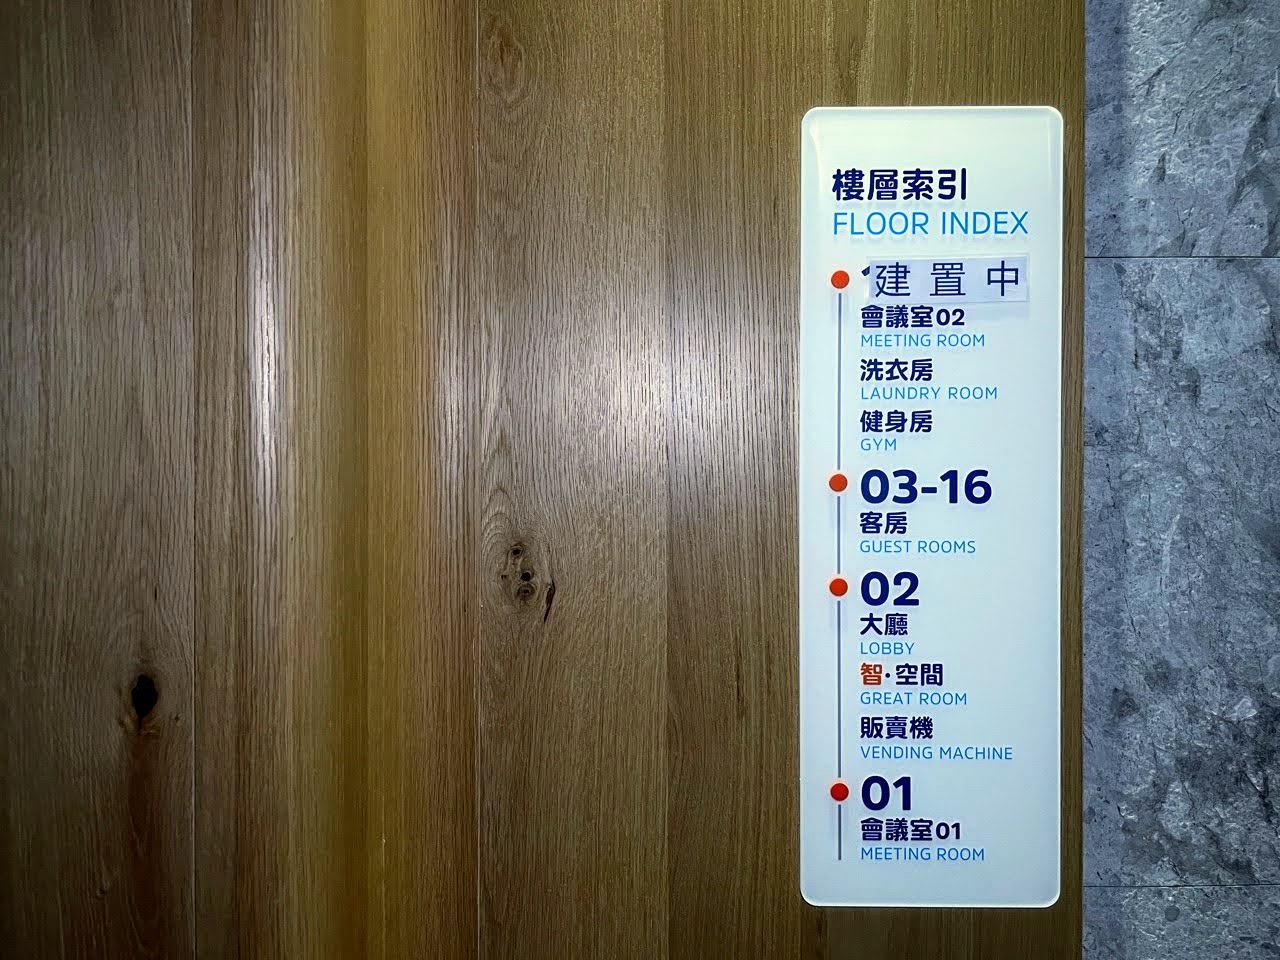 嘉義智選假日酒店 / 超乎期待的IHG Express 酒店 / 結合在地文化的用心飯店 / 嘉義西區